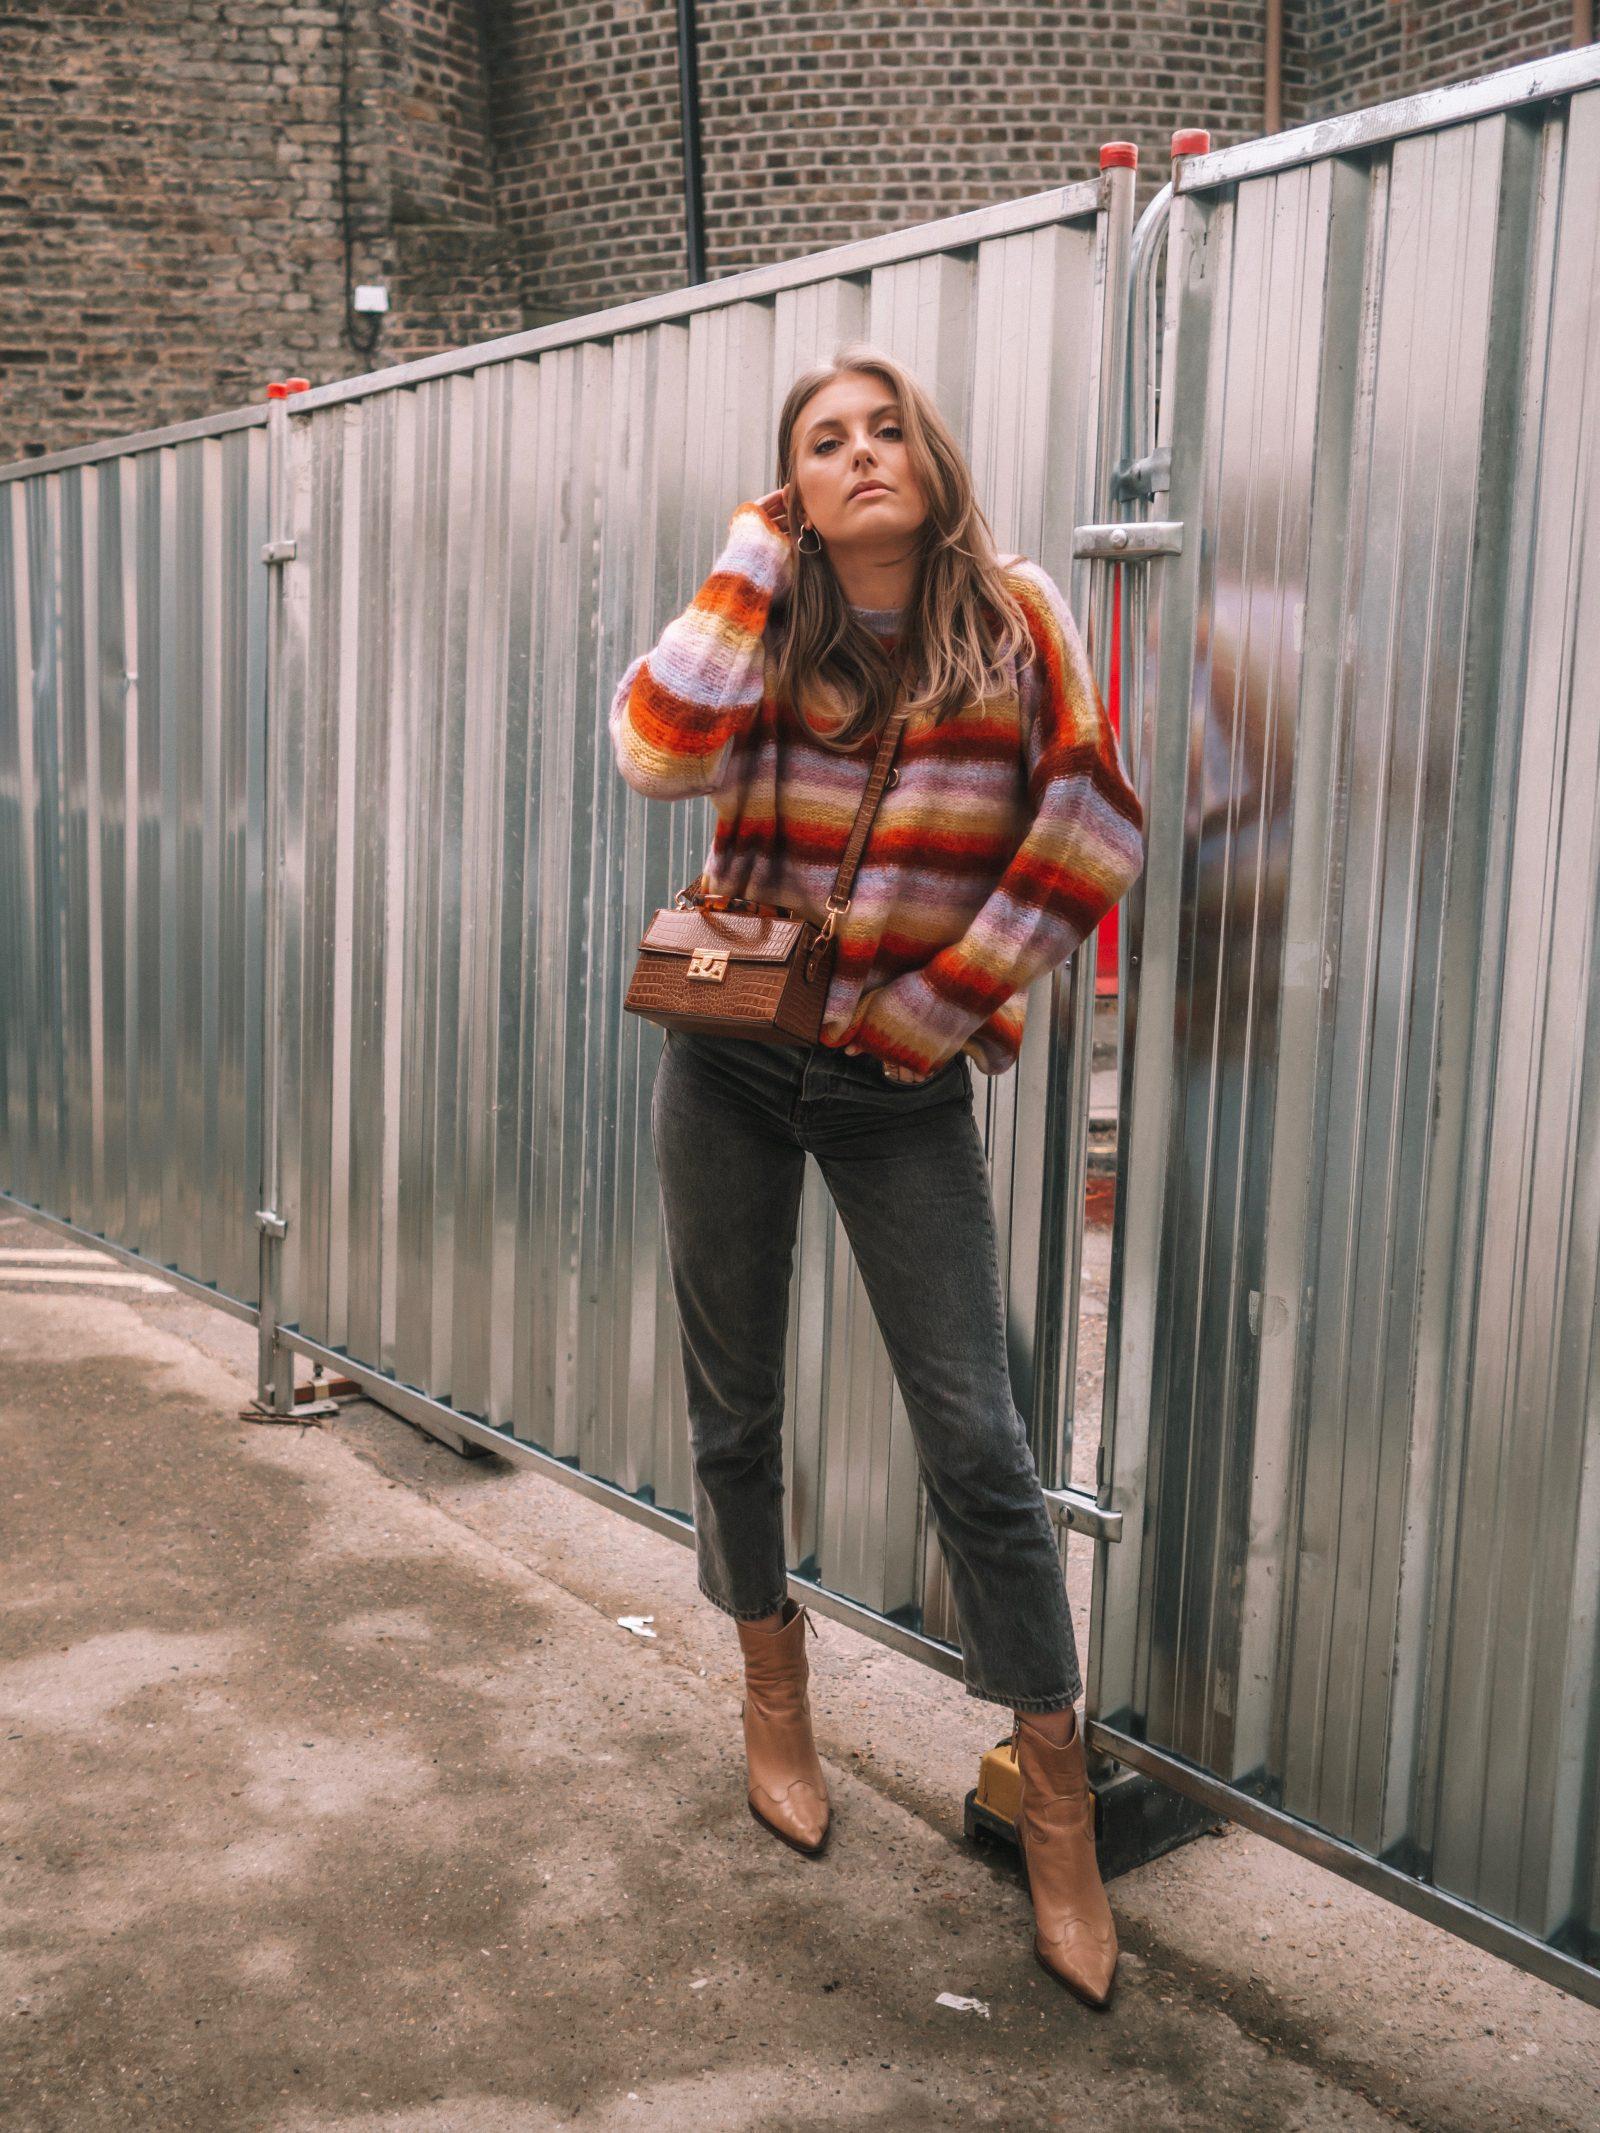 Topshop Sale Roundup - Topshop Rainbow Knit